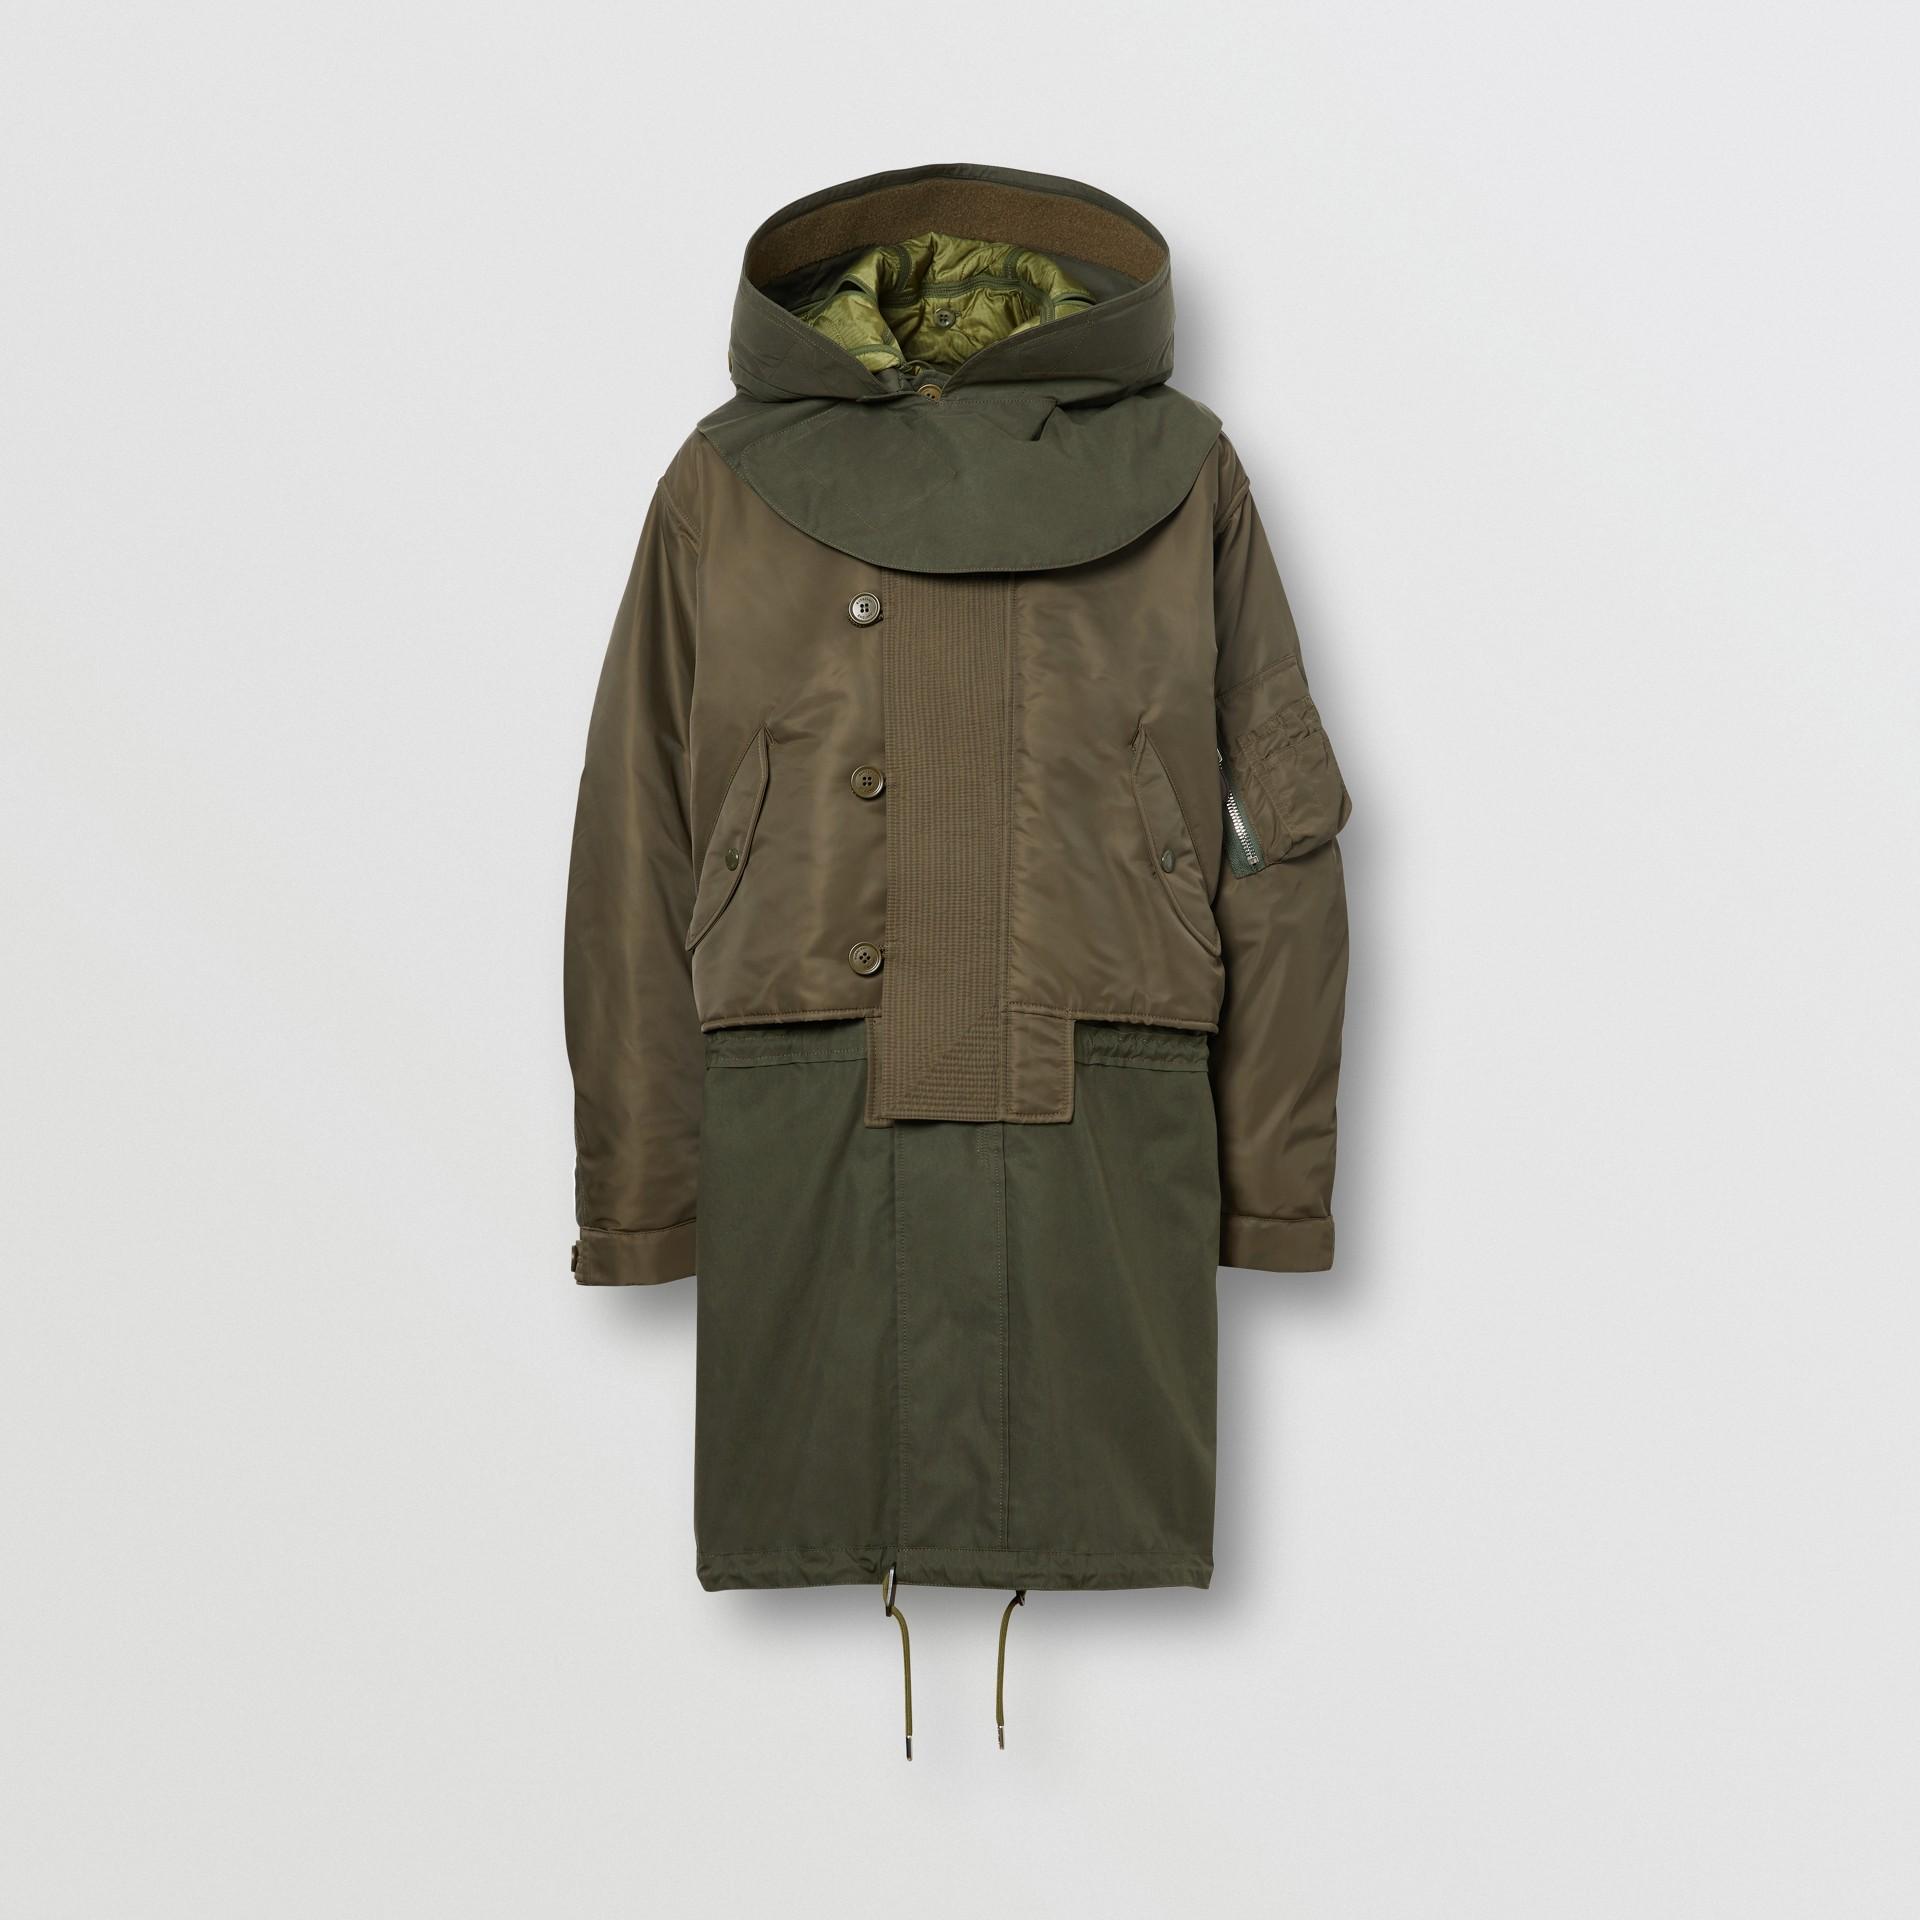 Parka à capuche en nylon et gilet intérieur amovible (Olive) - Homme | Burberry Canada - photo de la galerie 3